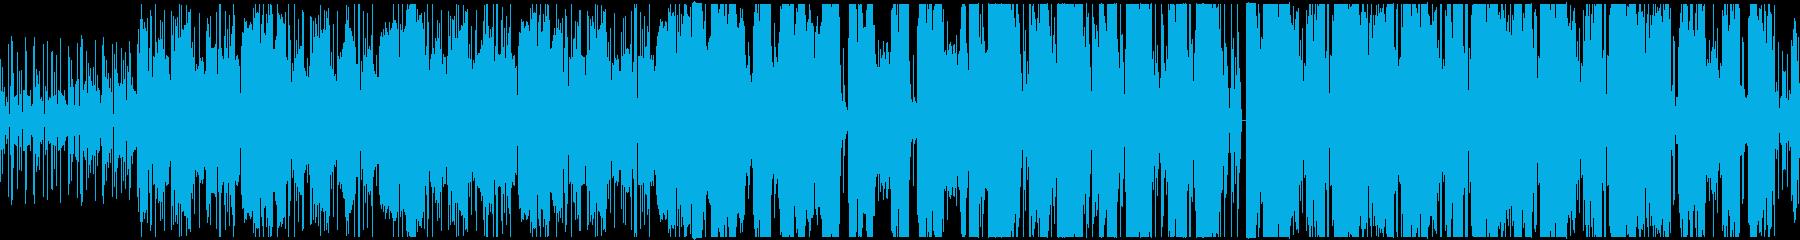 【店舗BGM】おしゃれイージーリスニングの再生済みの波形